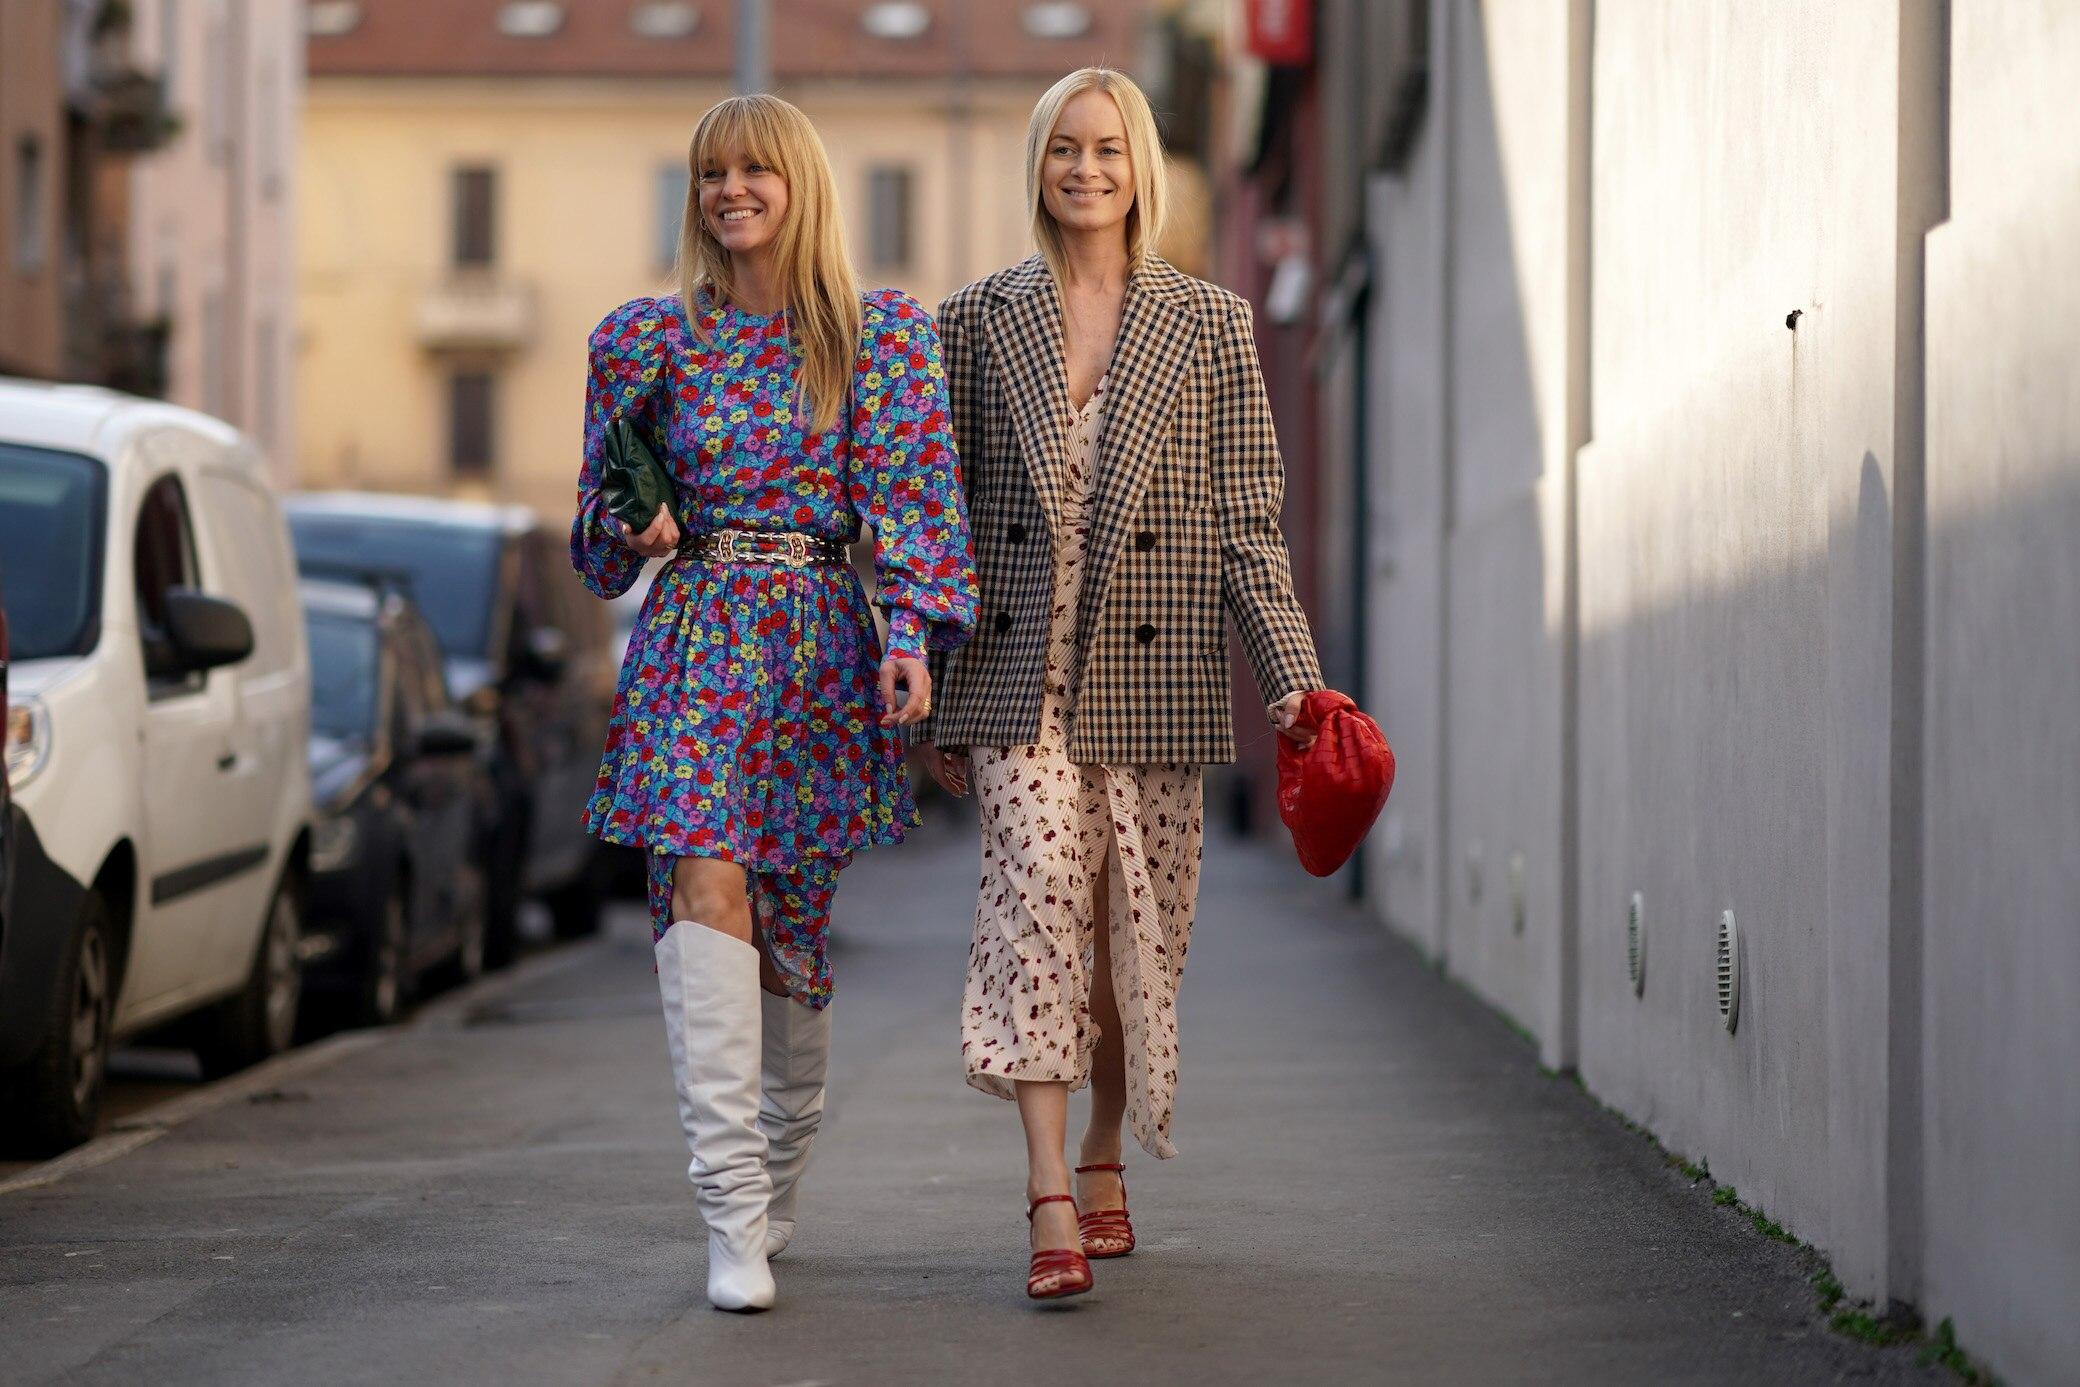 Sommerkleider von Strick bis Tunika: So trägt man die Trends